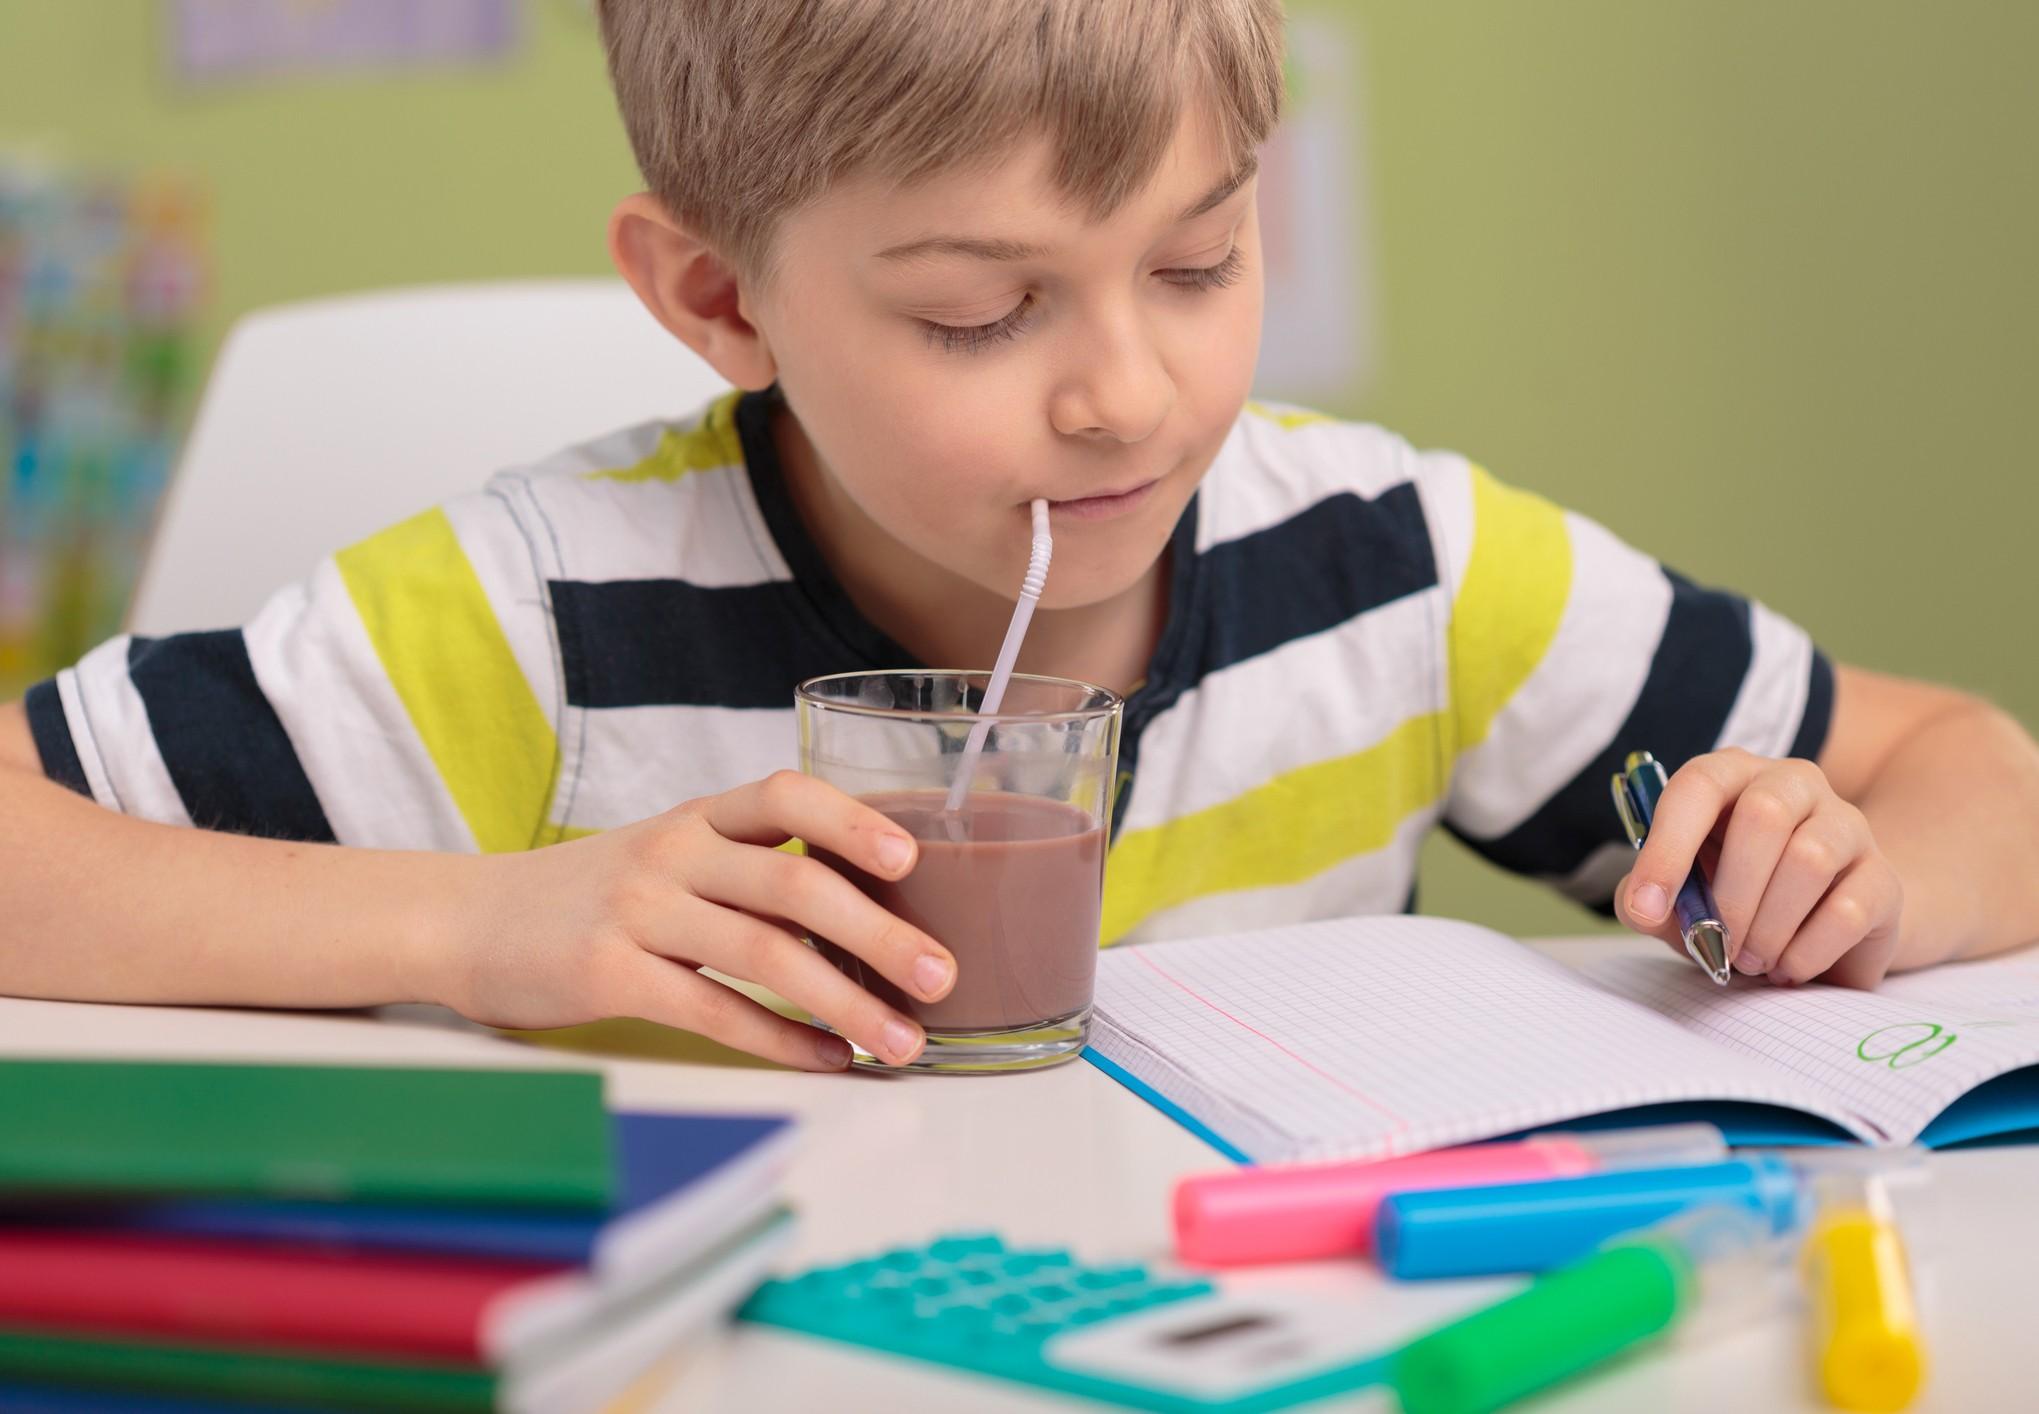 Criança tomando achocolatado (Foto: Thinkstock)